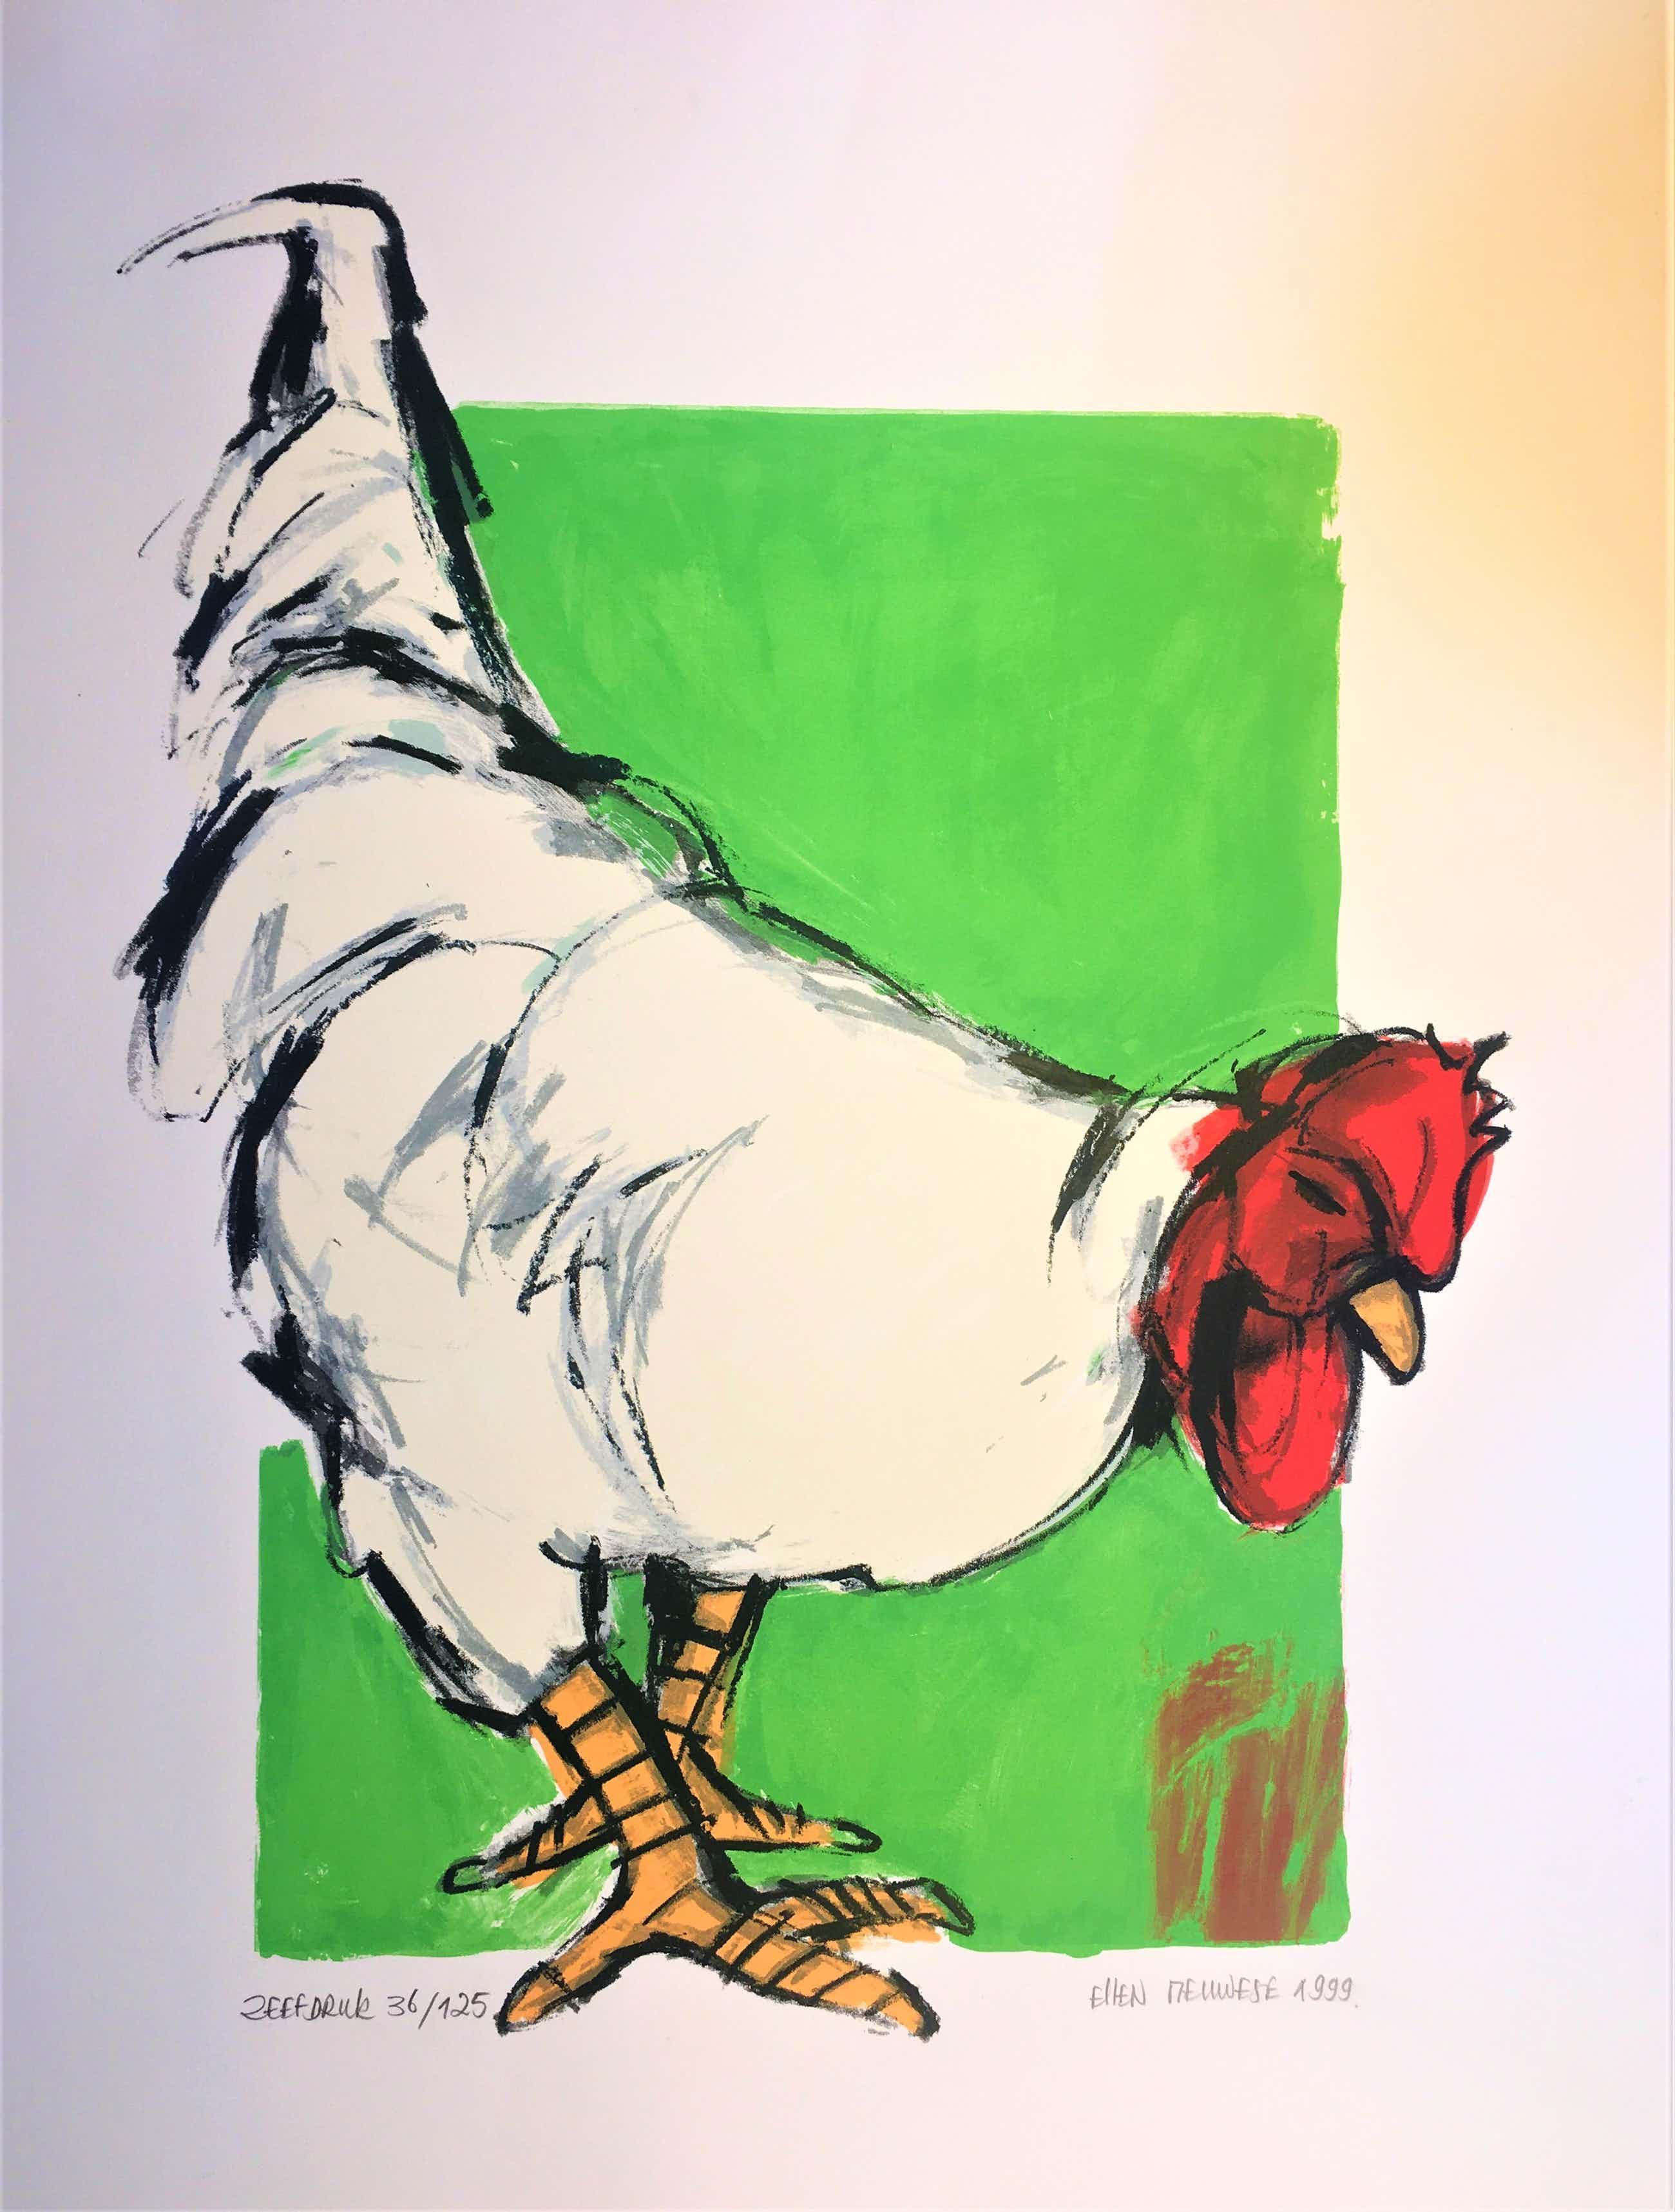 Ellen Meuwese - De kip kopen? Bied vanaf 101!